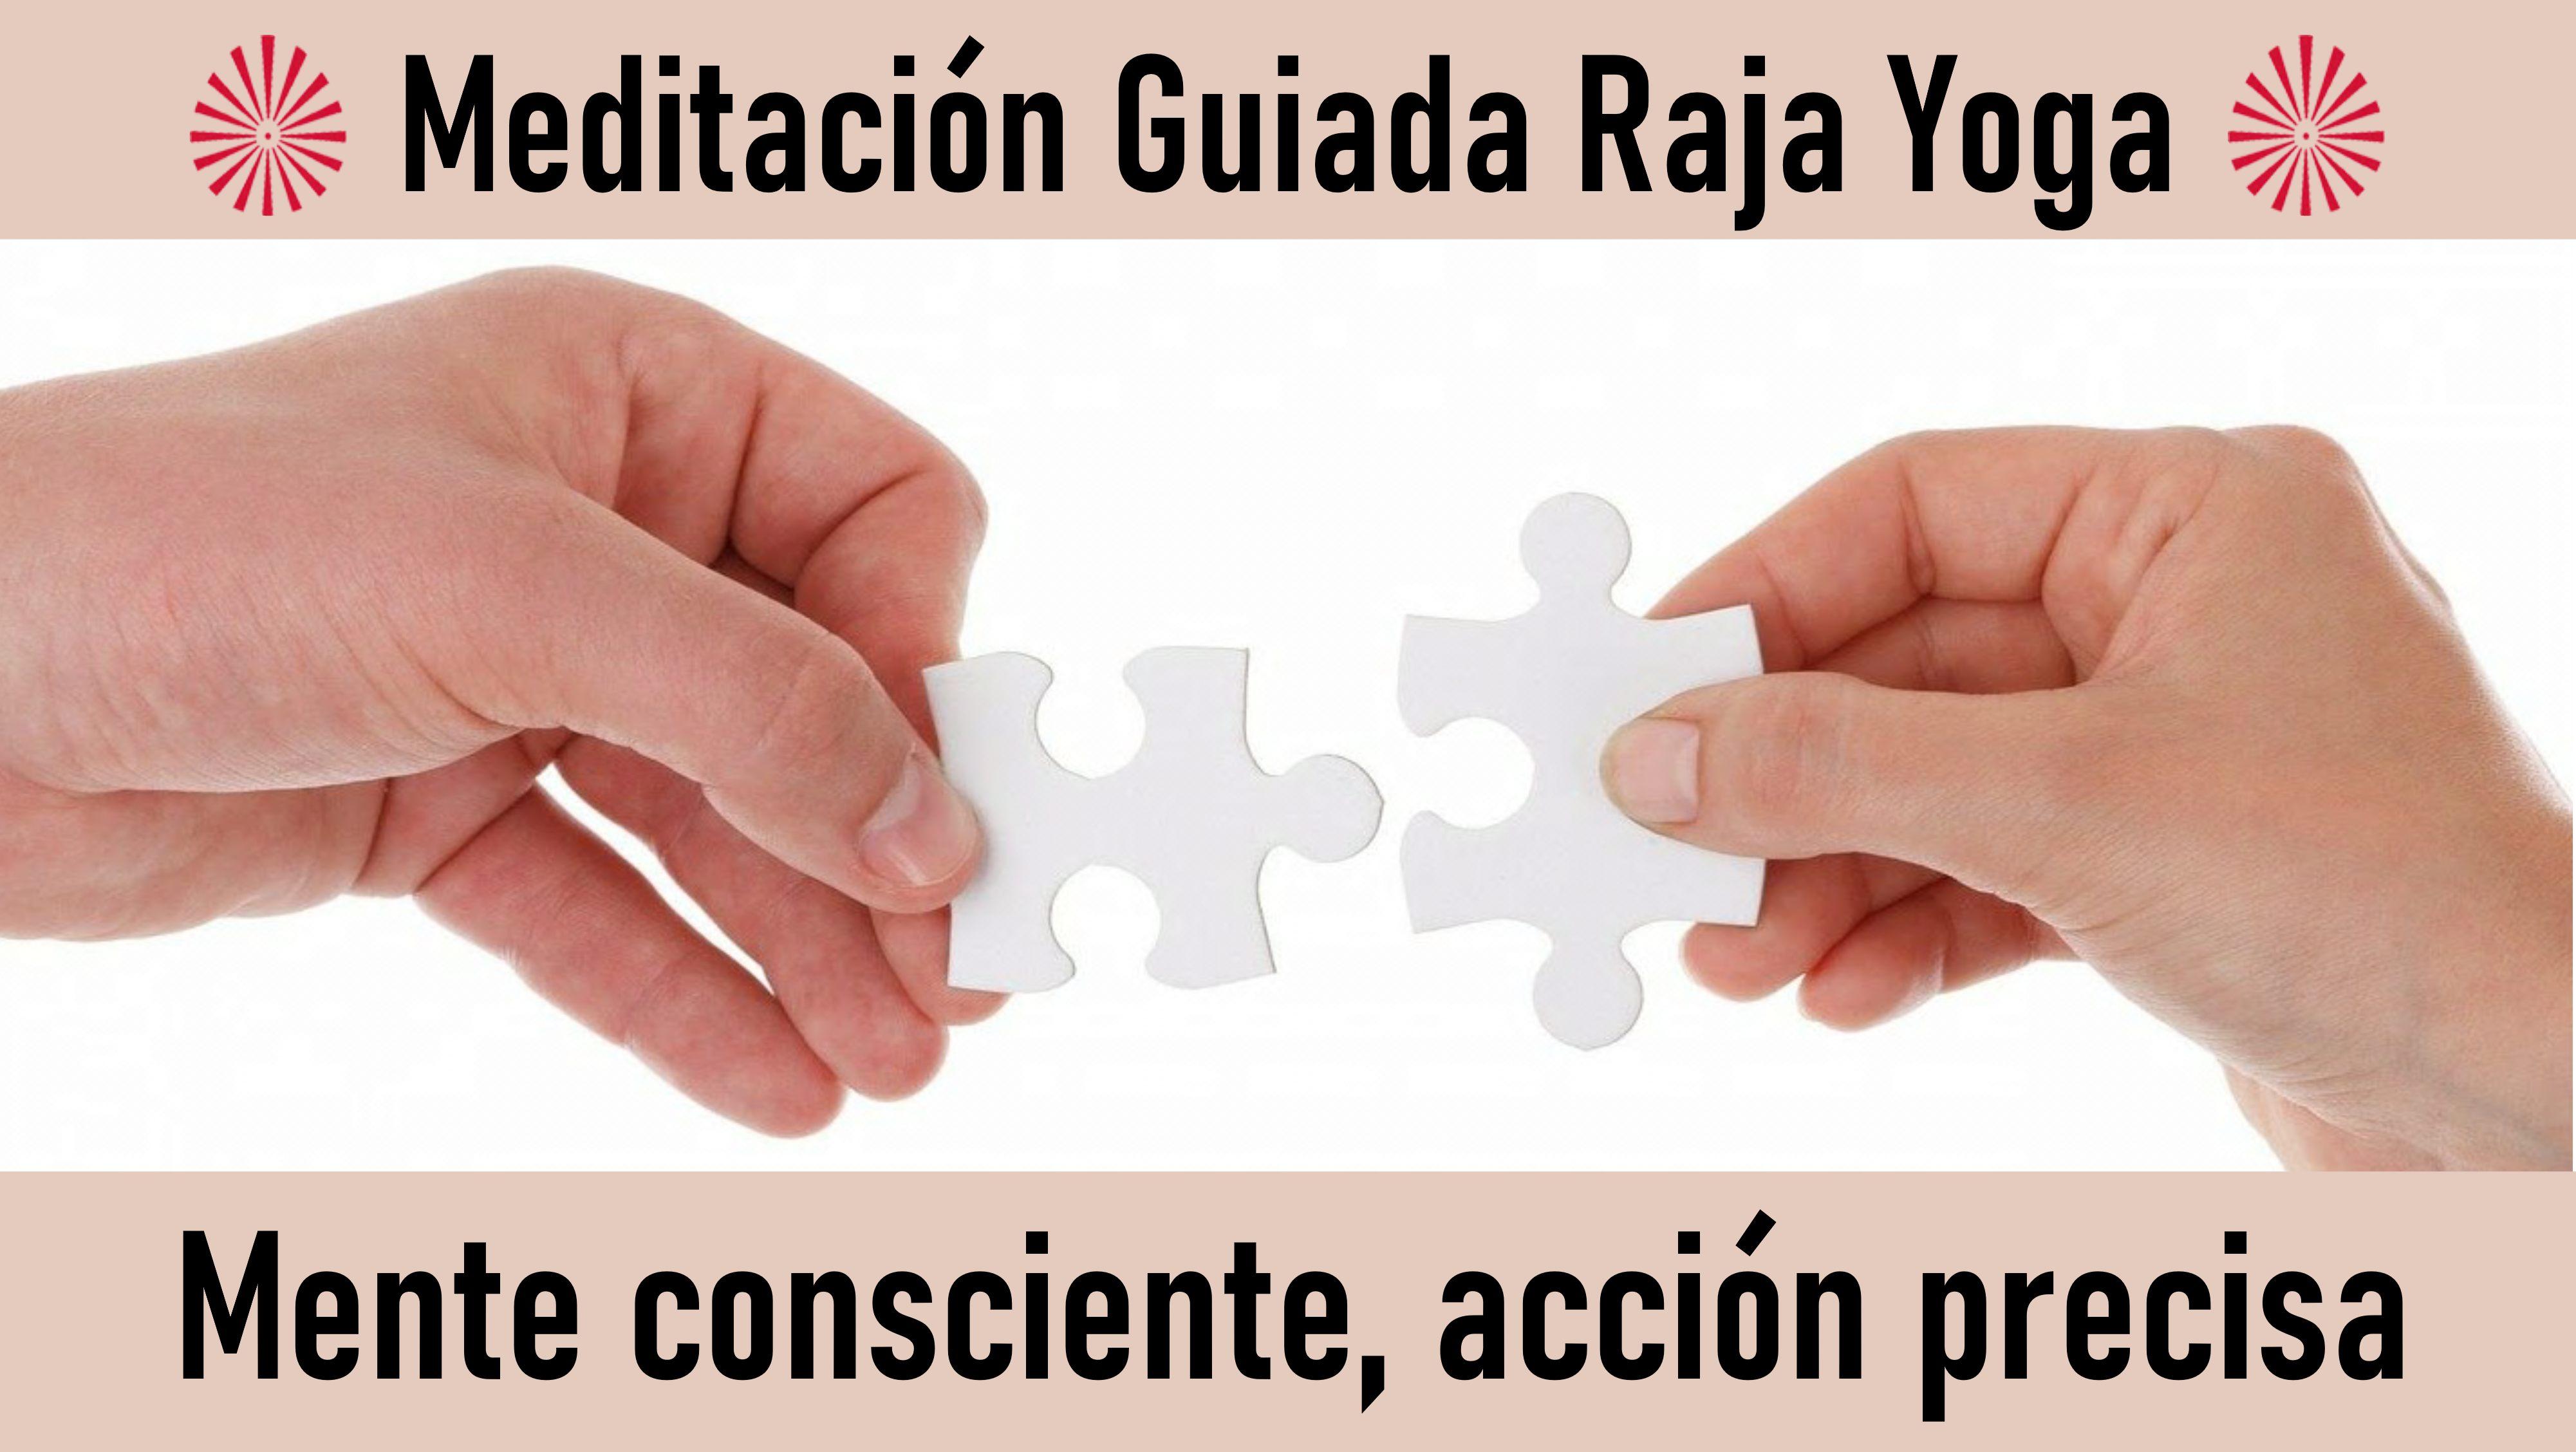 13 Octubre 2020  Meditación guiada: Mente consciente, acción precisa